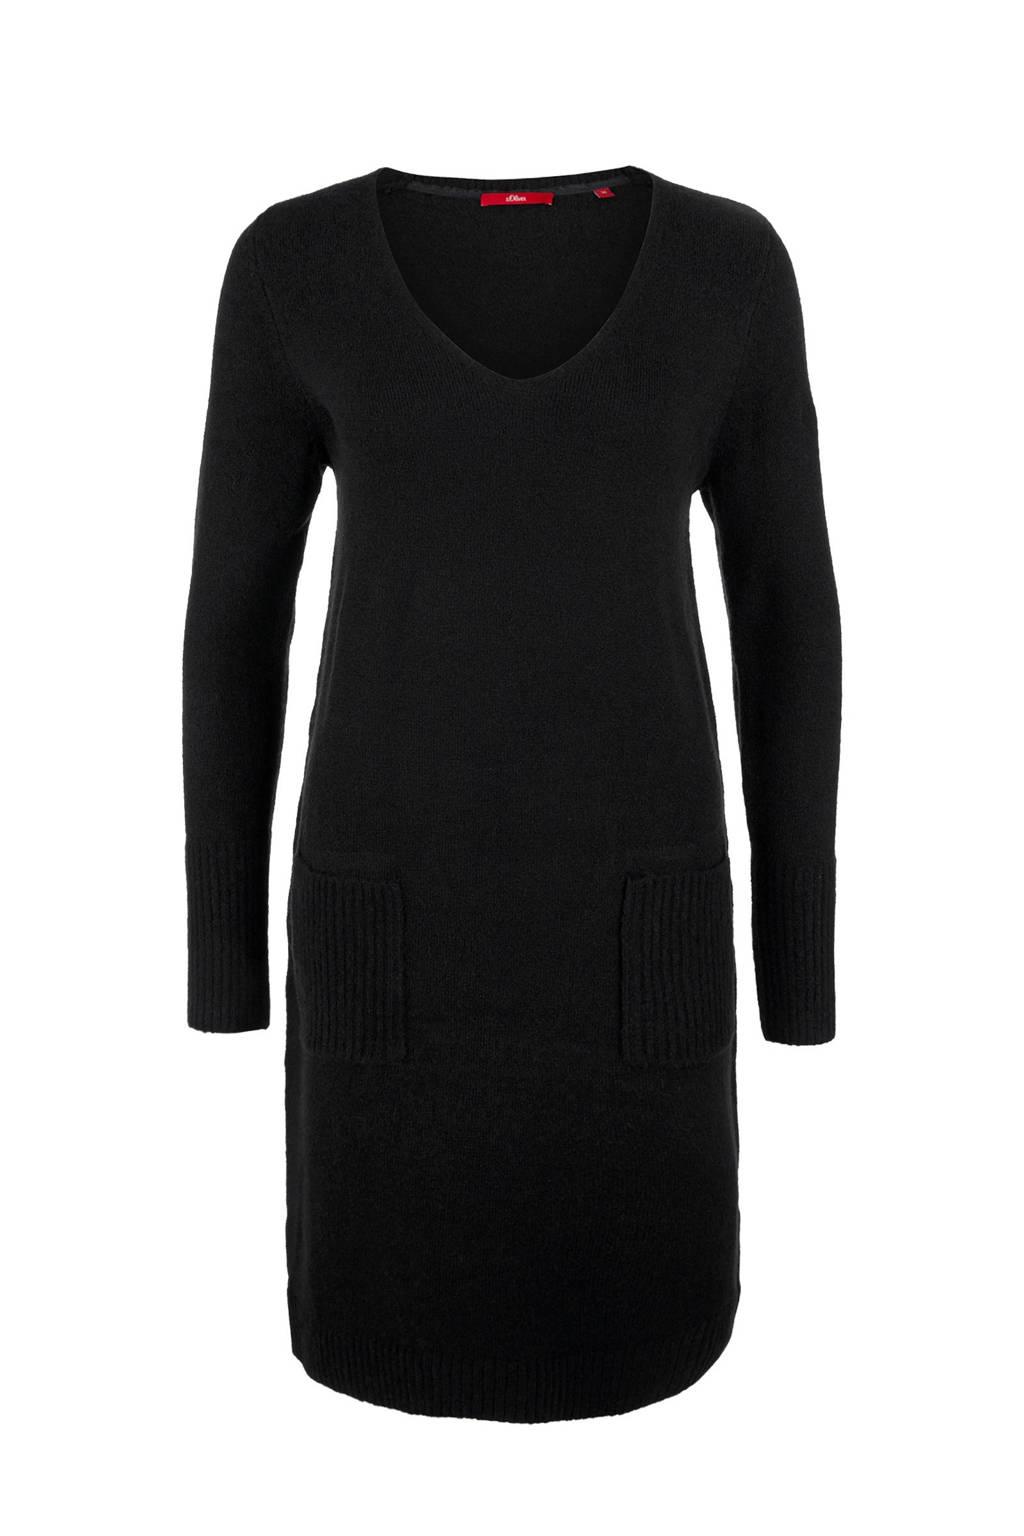 s.Oliver gebreide jurk met wol zwart, Zwart